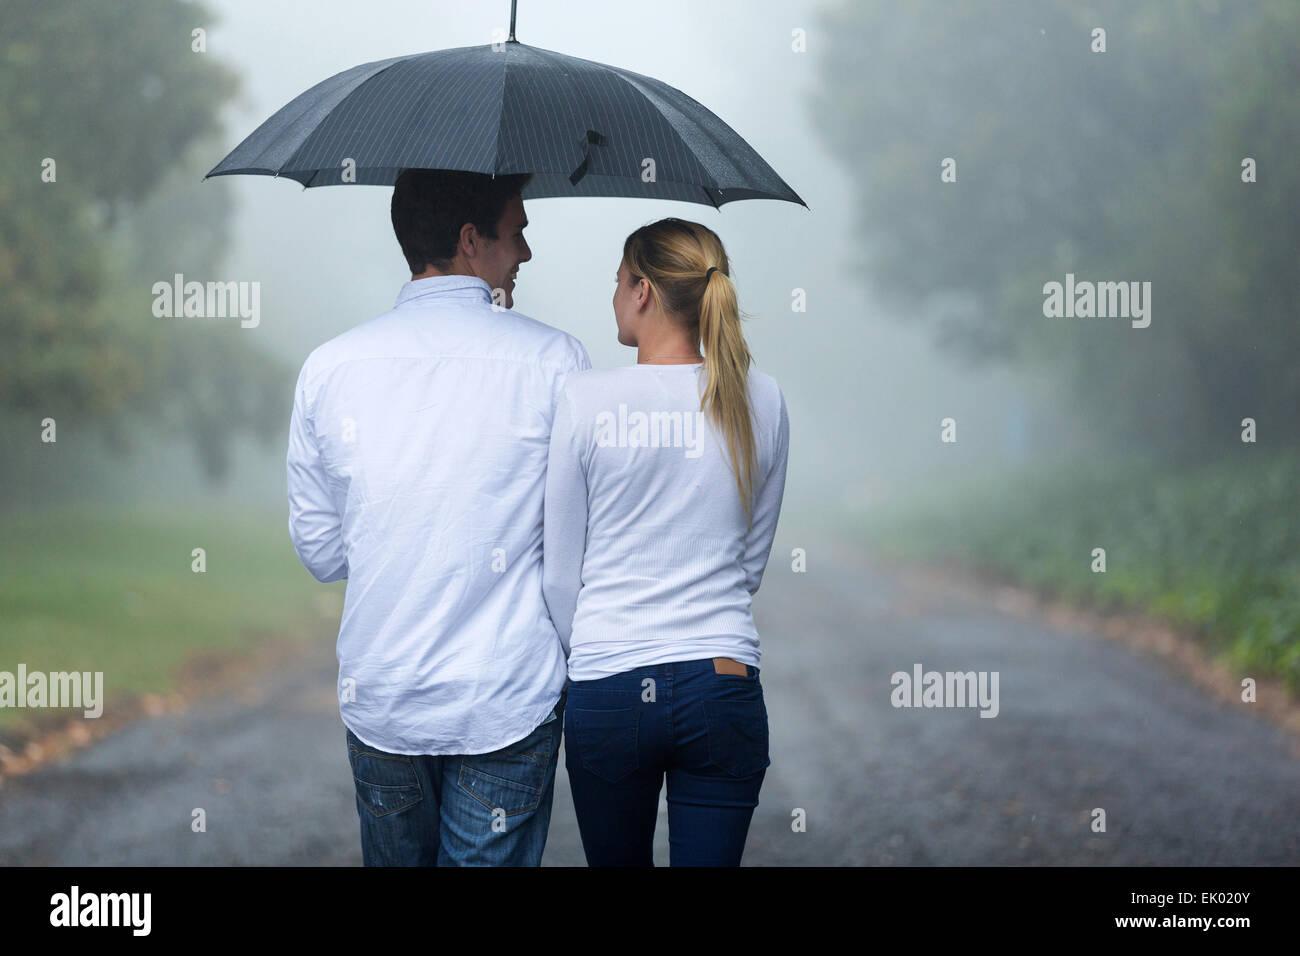 Vista posteriore della coppia romantica a piedi sotto la pioggia Immagini Stock